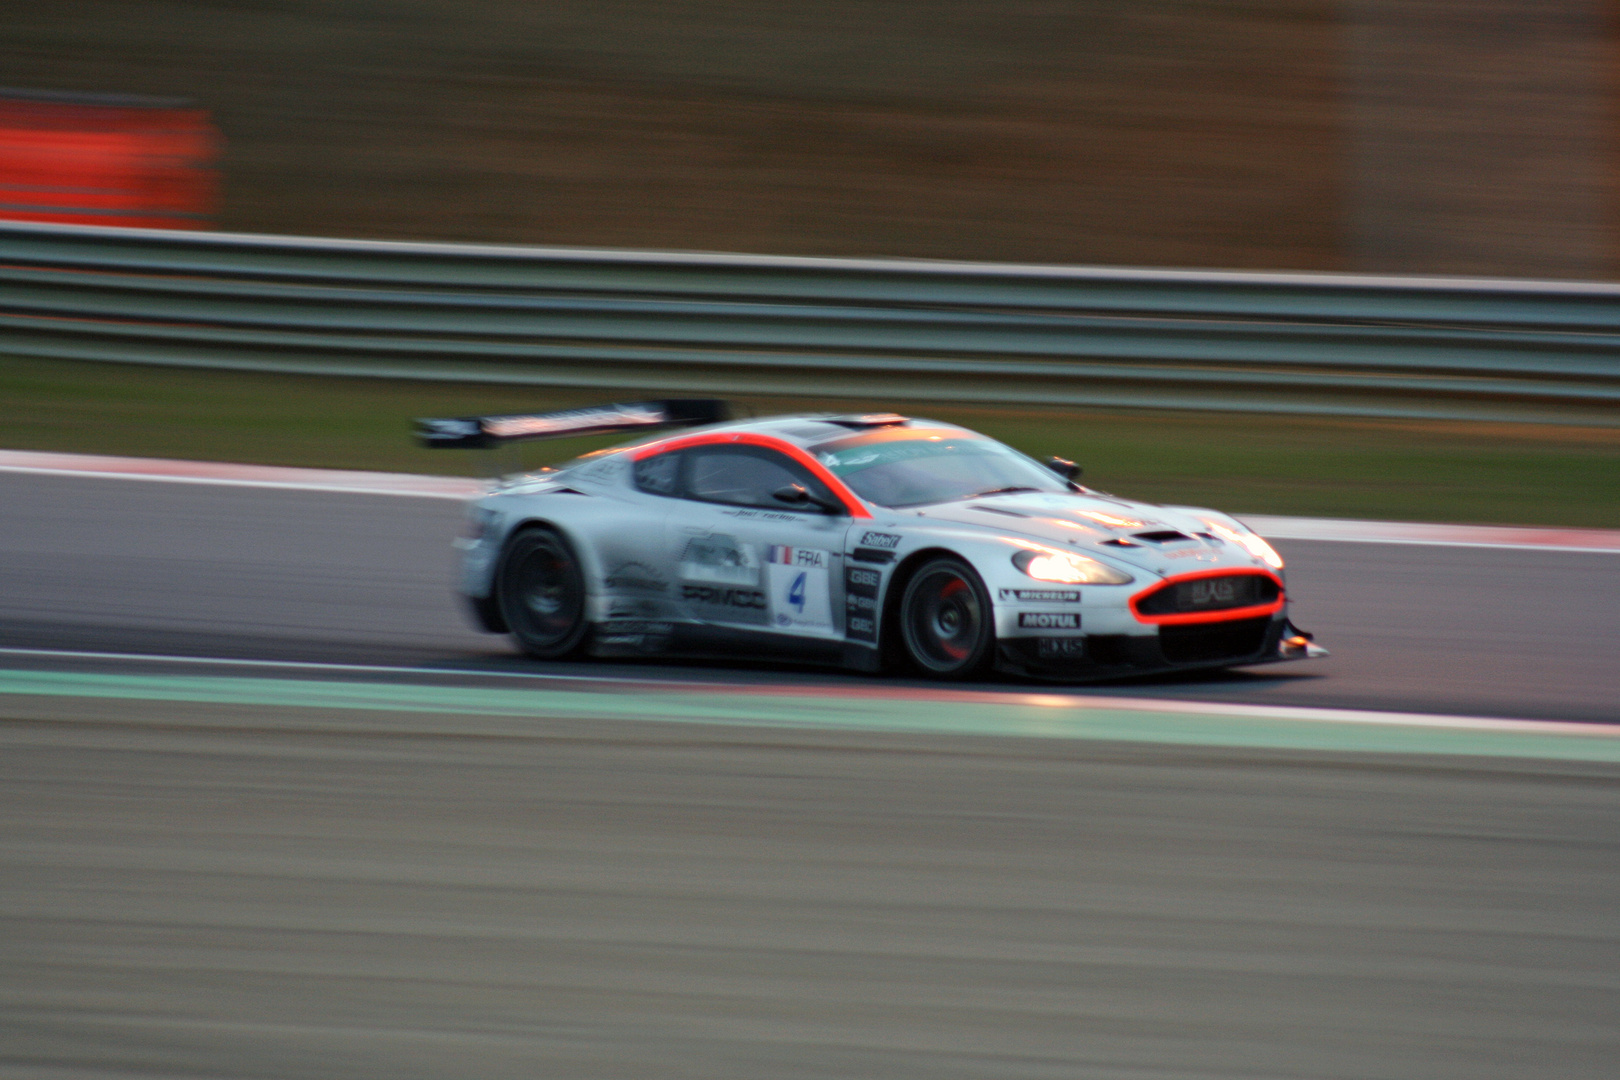 DBR9 HEXIS RACING